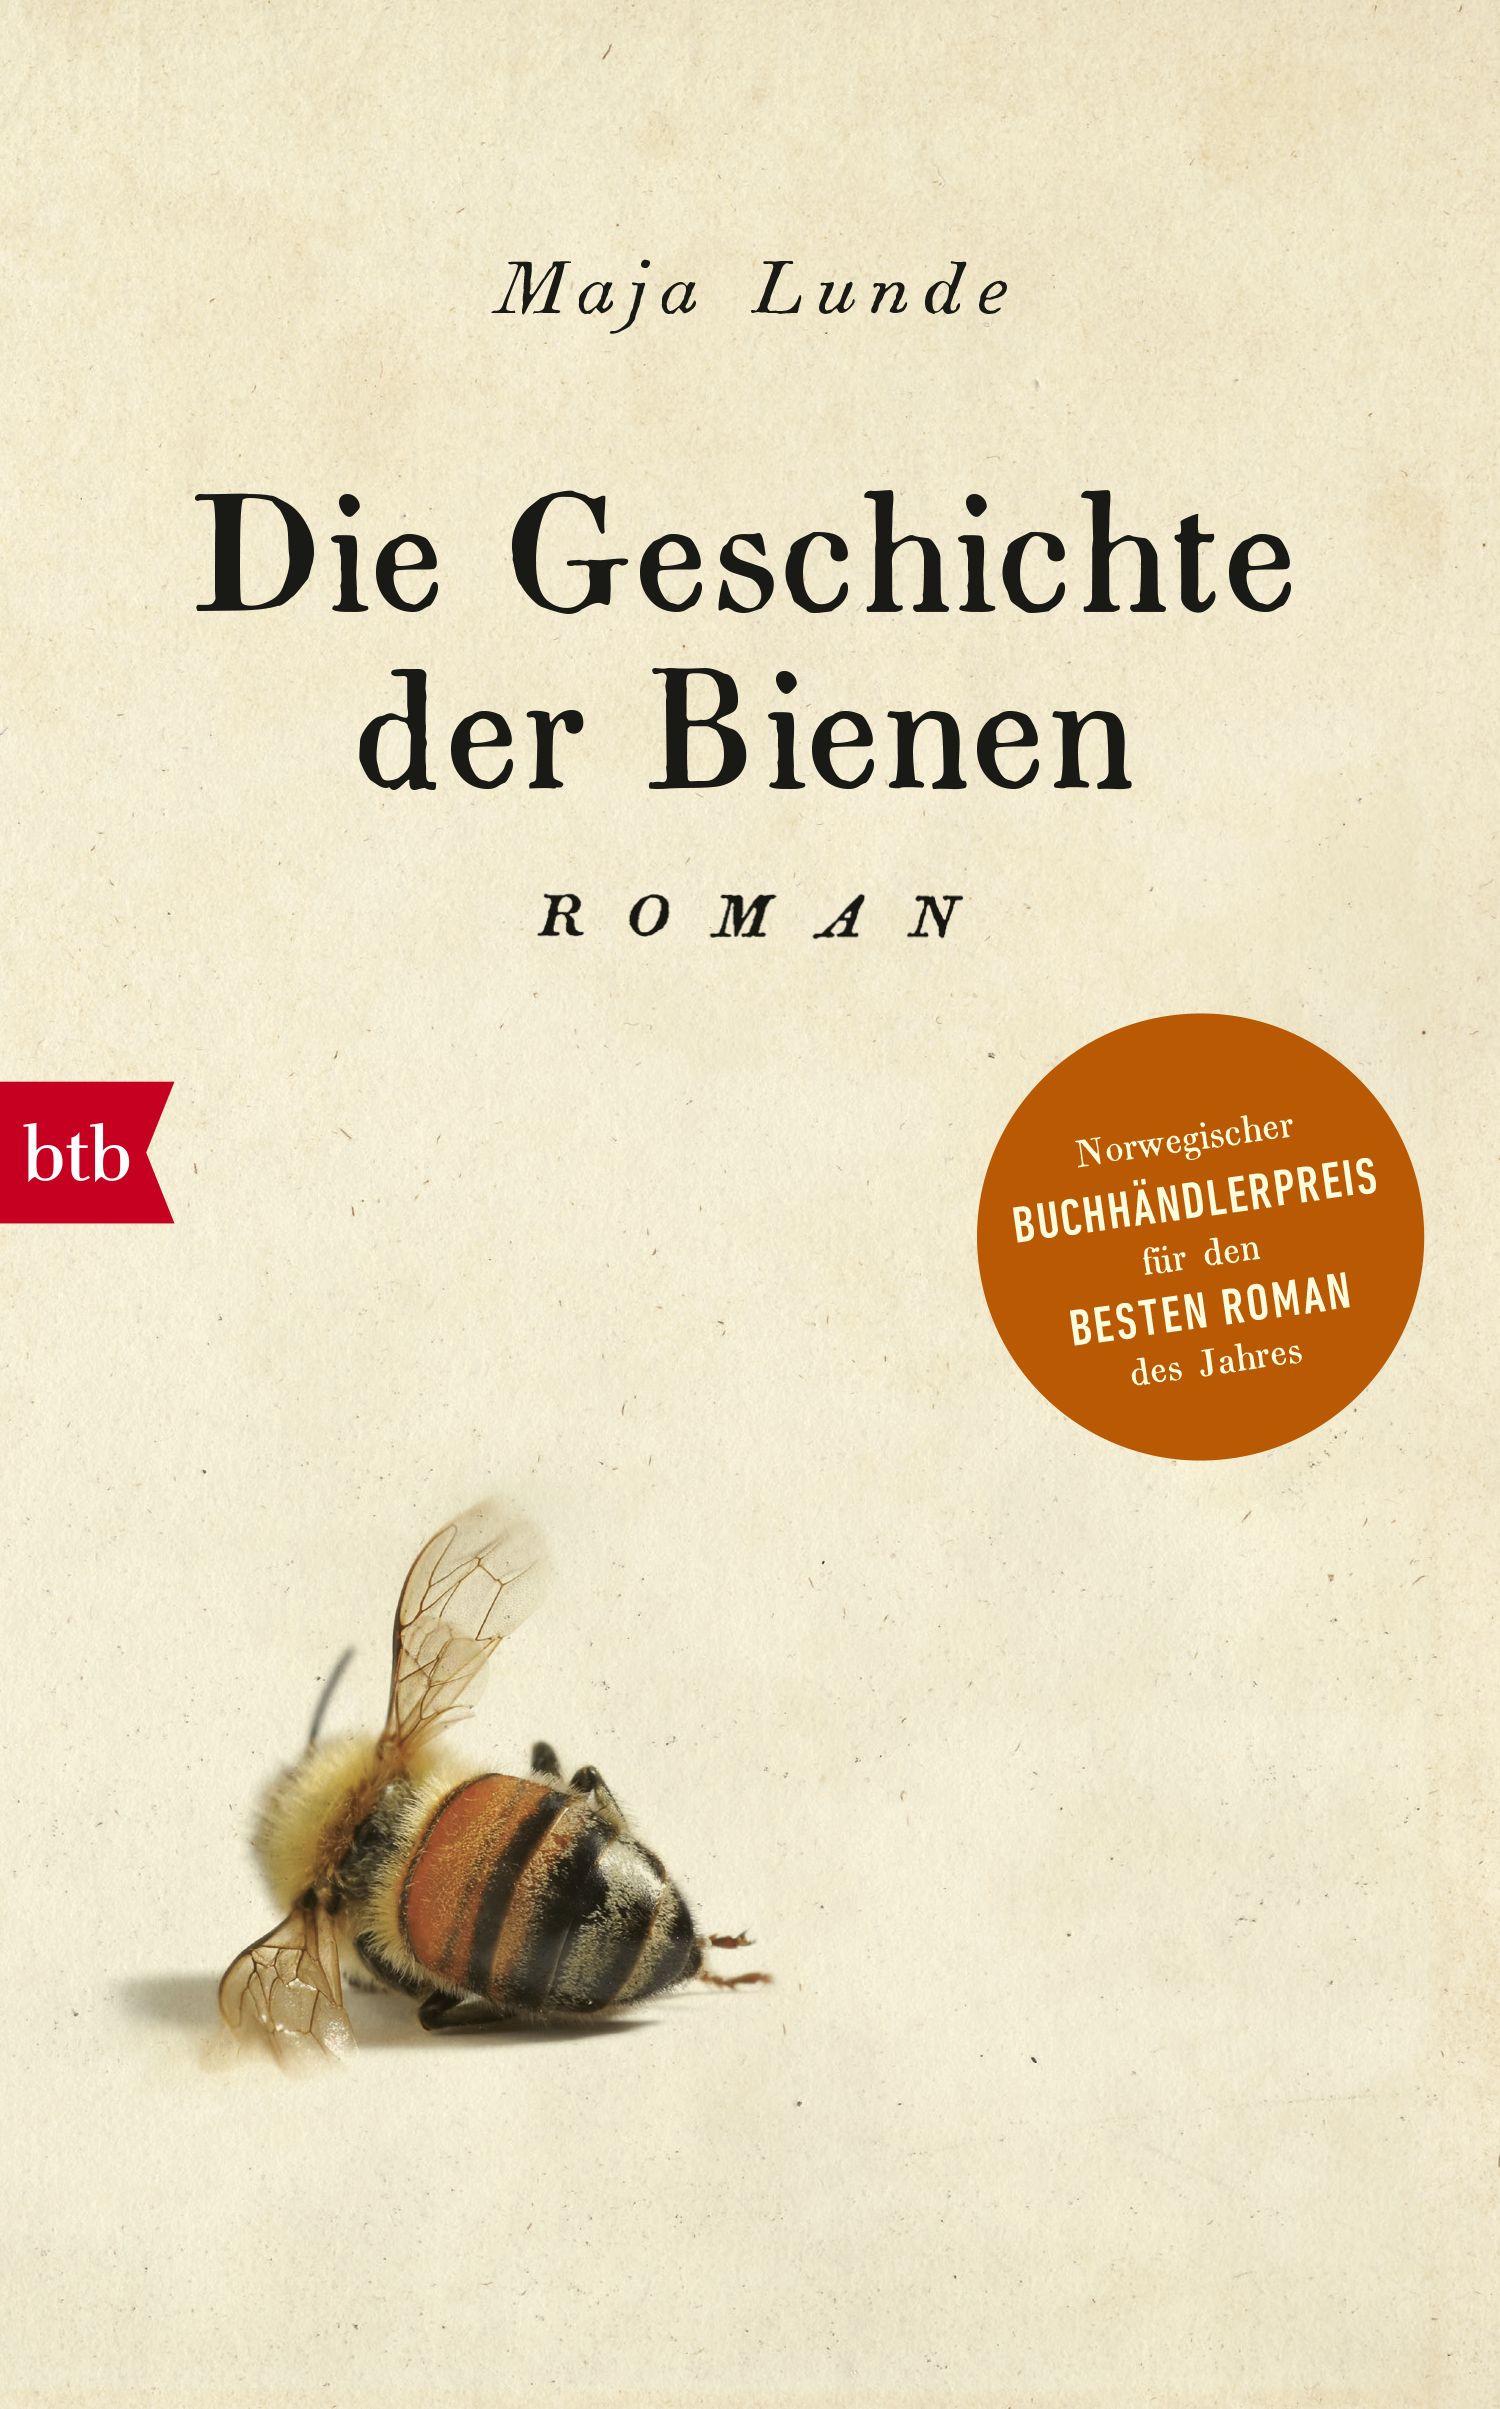 """""""Die Geschichte der Bienen"""" handelt von drei Familiengeschichten in drei verschiedenen Epochen"""